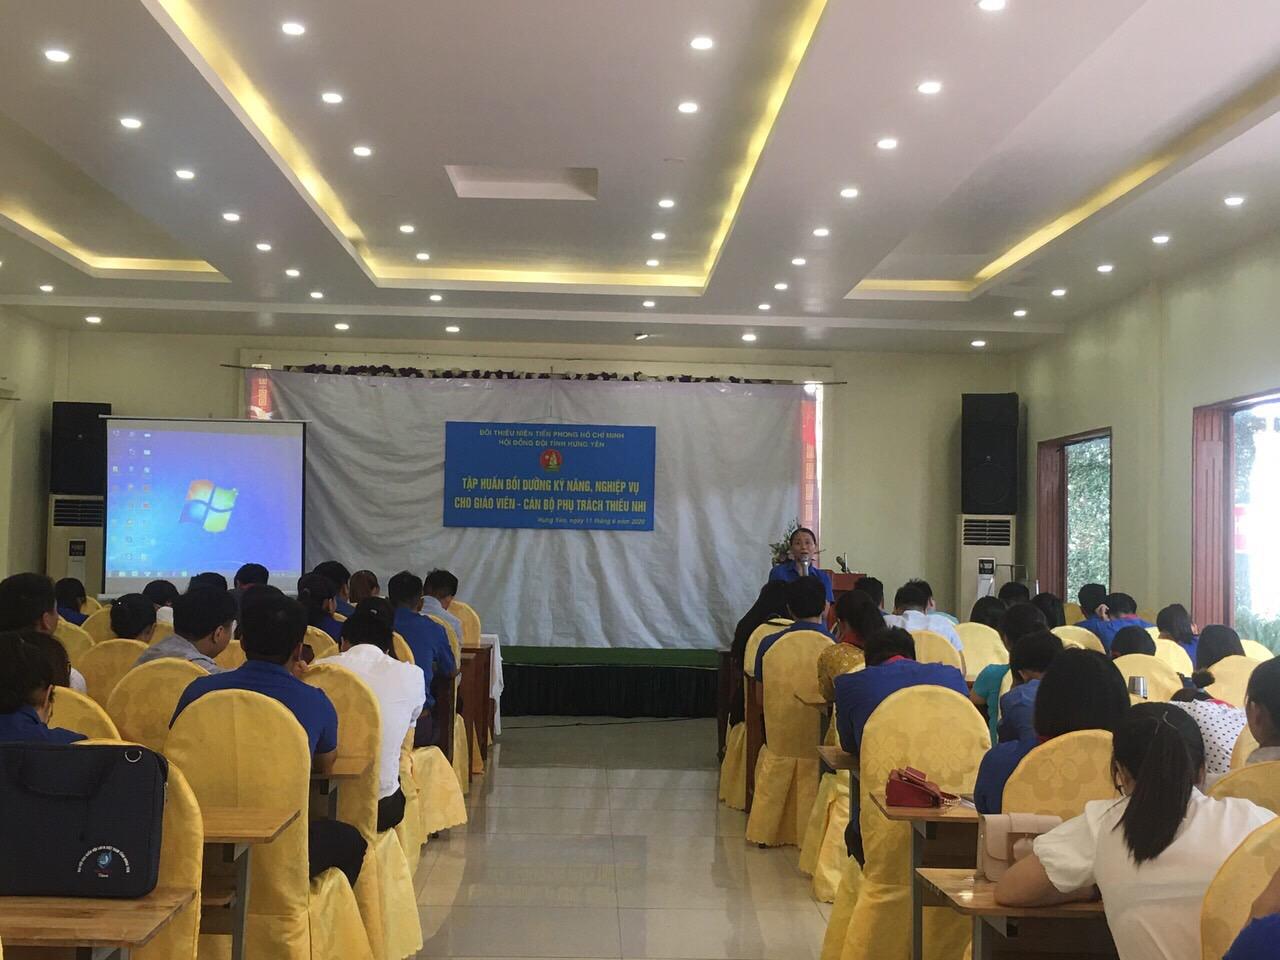 Hưng Yên: Tập huấn bồi dưỡng kỹ năng, nghiệp vụ cho cán bộ Hội Sinh viên các trường và giáo viên-cán bộ phụ trách thiếu nhi